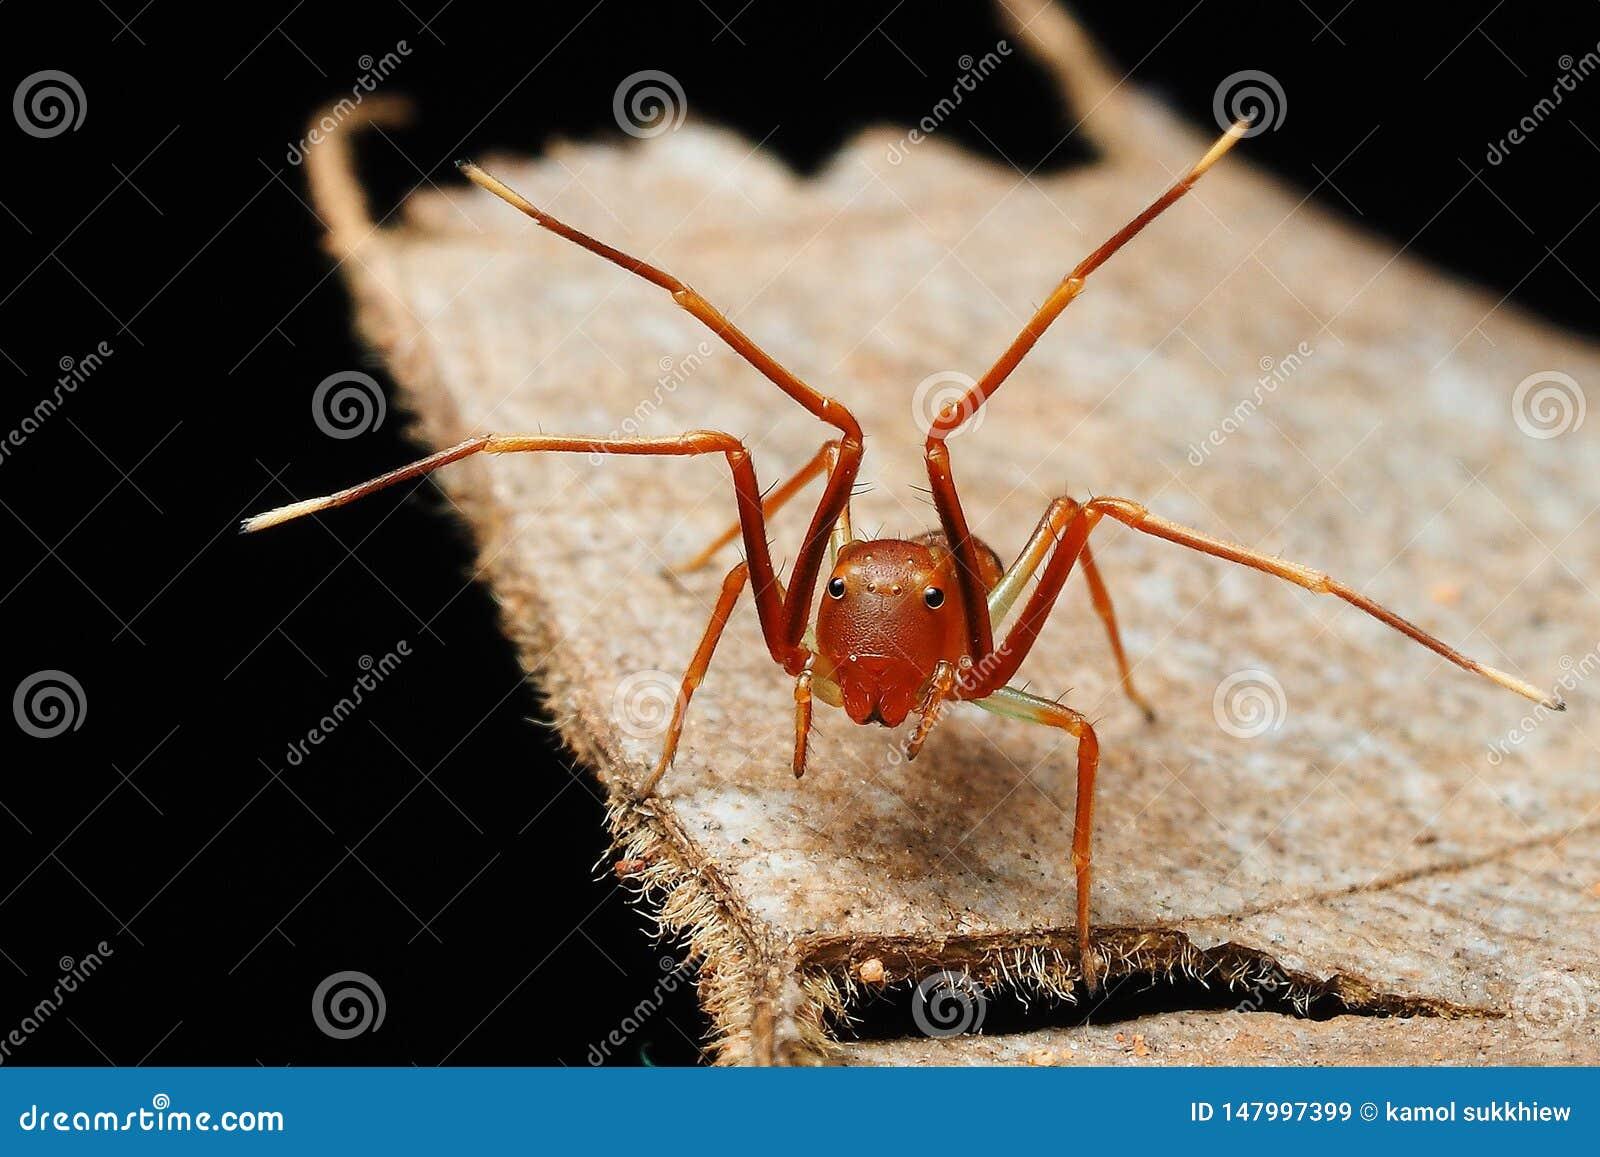 Маленький паук имитатора муравья показывает его ноги